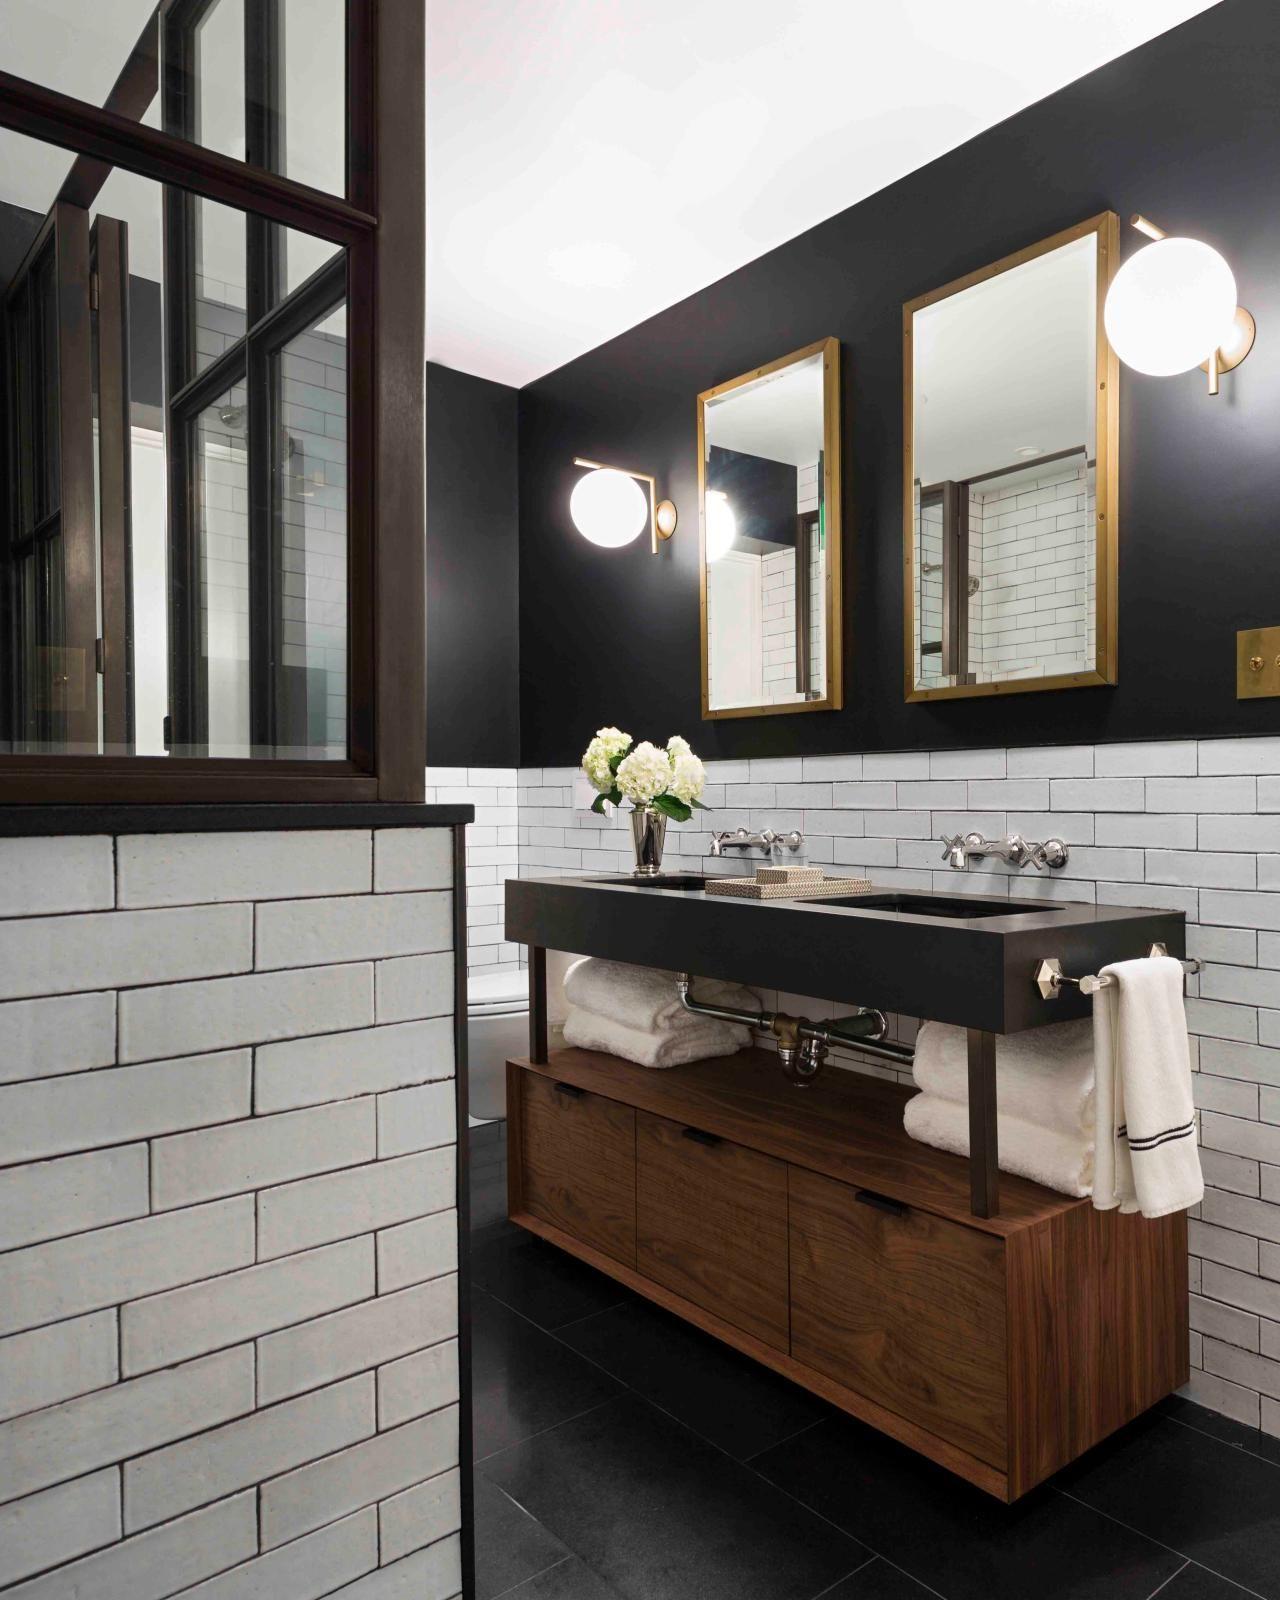 Farbe Für Badezimmer Badezimmer Wandfarbe Badezimmer Lack